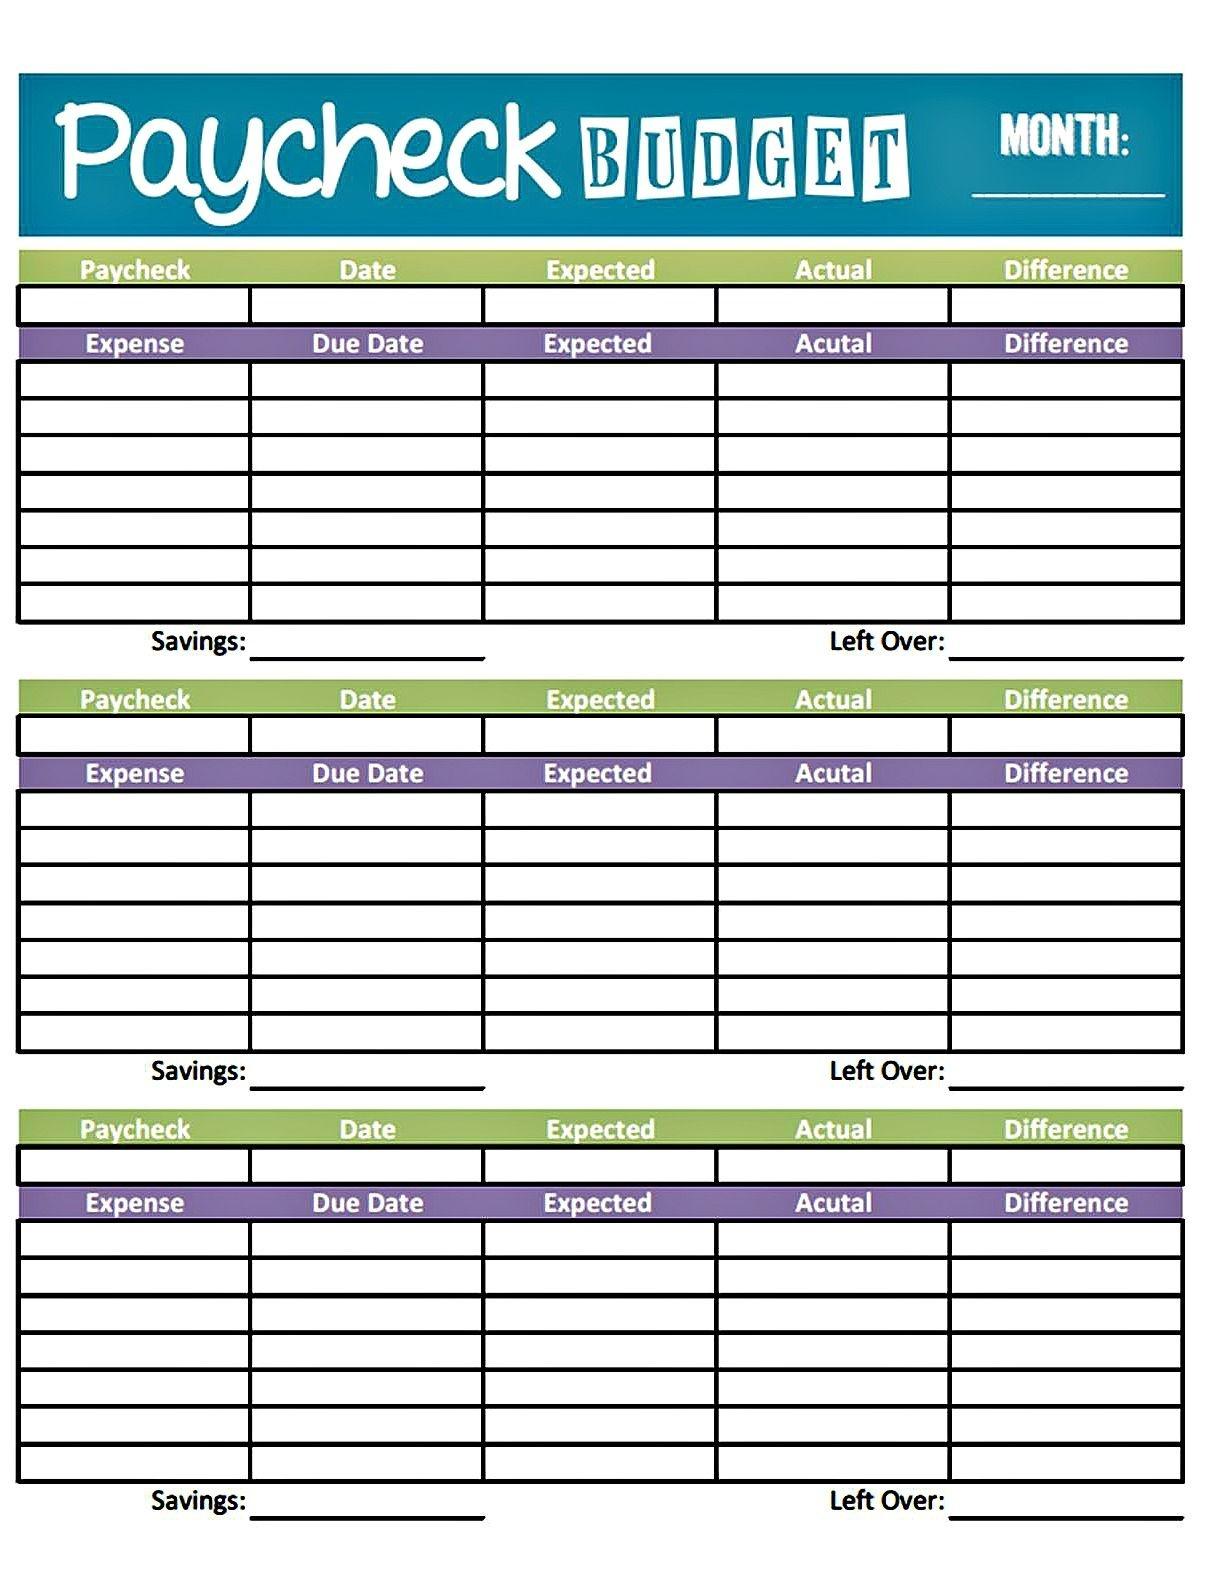 Easy Printable Budget Worksheet | Get Paid Weekly And Charlie Gets - Free Printable Budget Worksheets